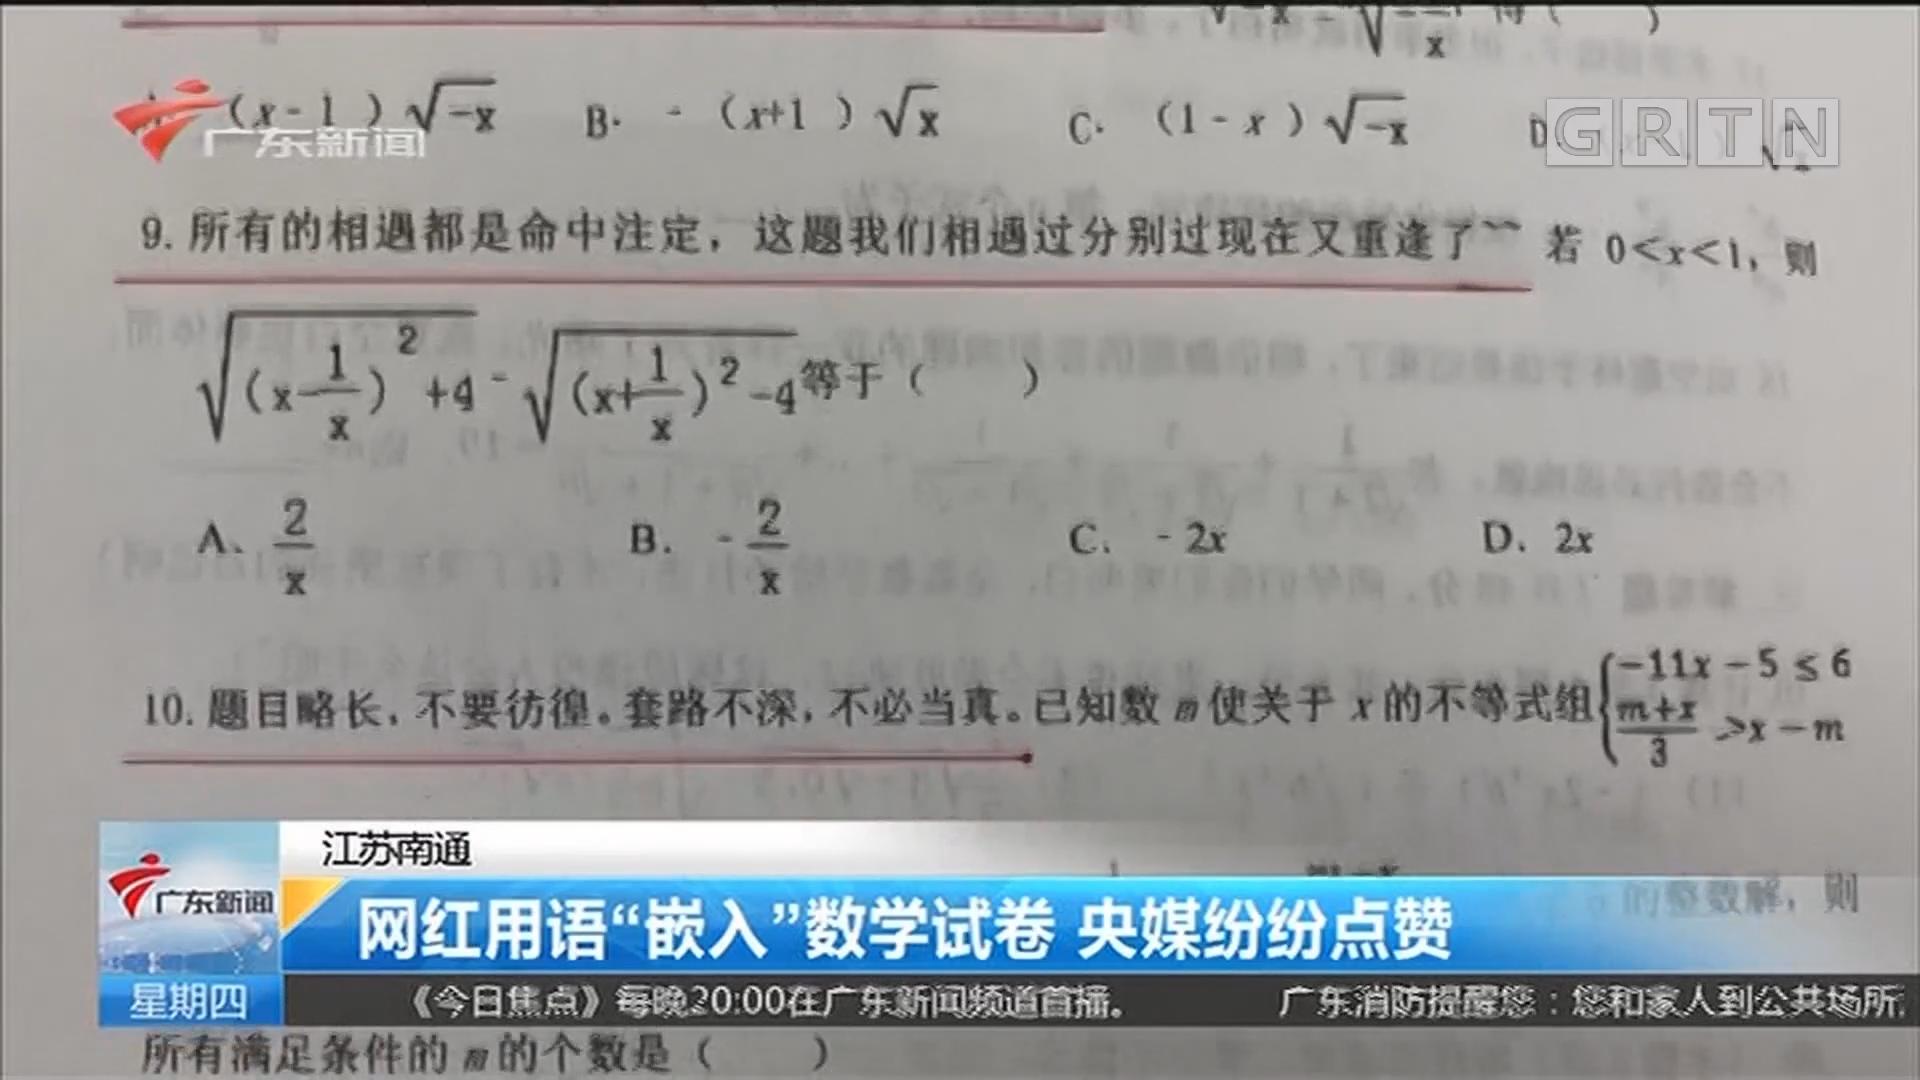 """江苏南通 网红用语""""嵌入""""数学试卷 央媒纷纷点赞"""